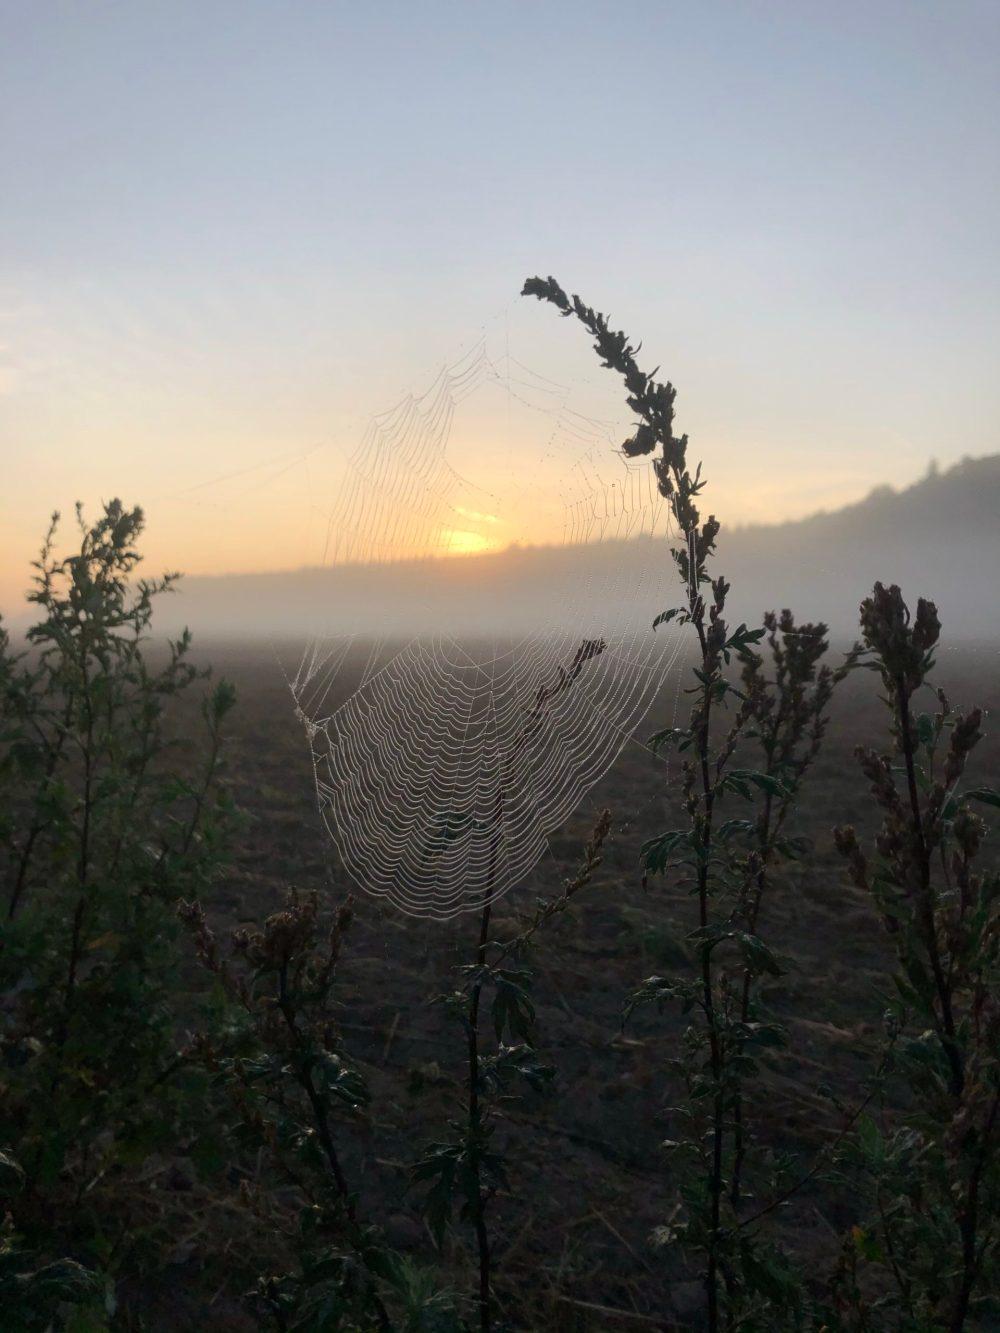 Tauperlen im Spinnennetz mit Nebelschleier im Hintergrund